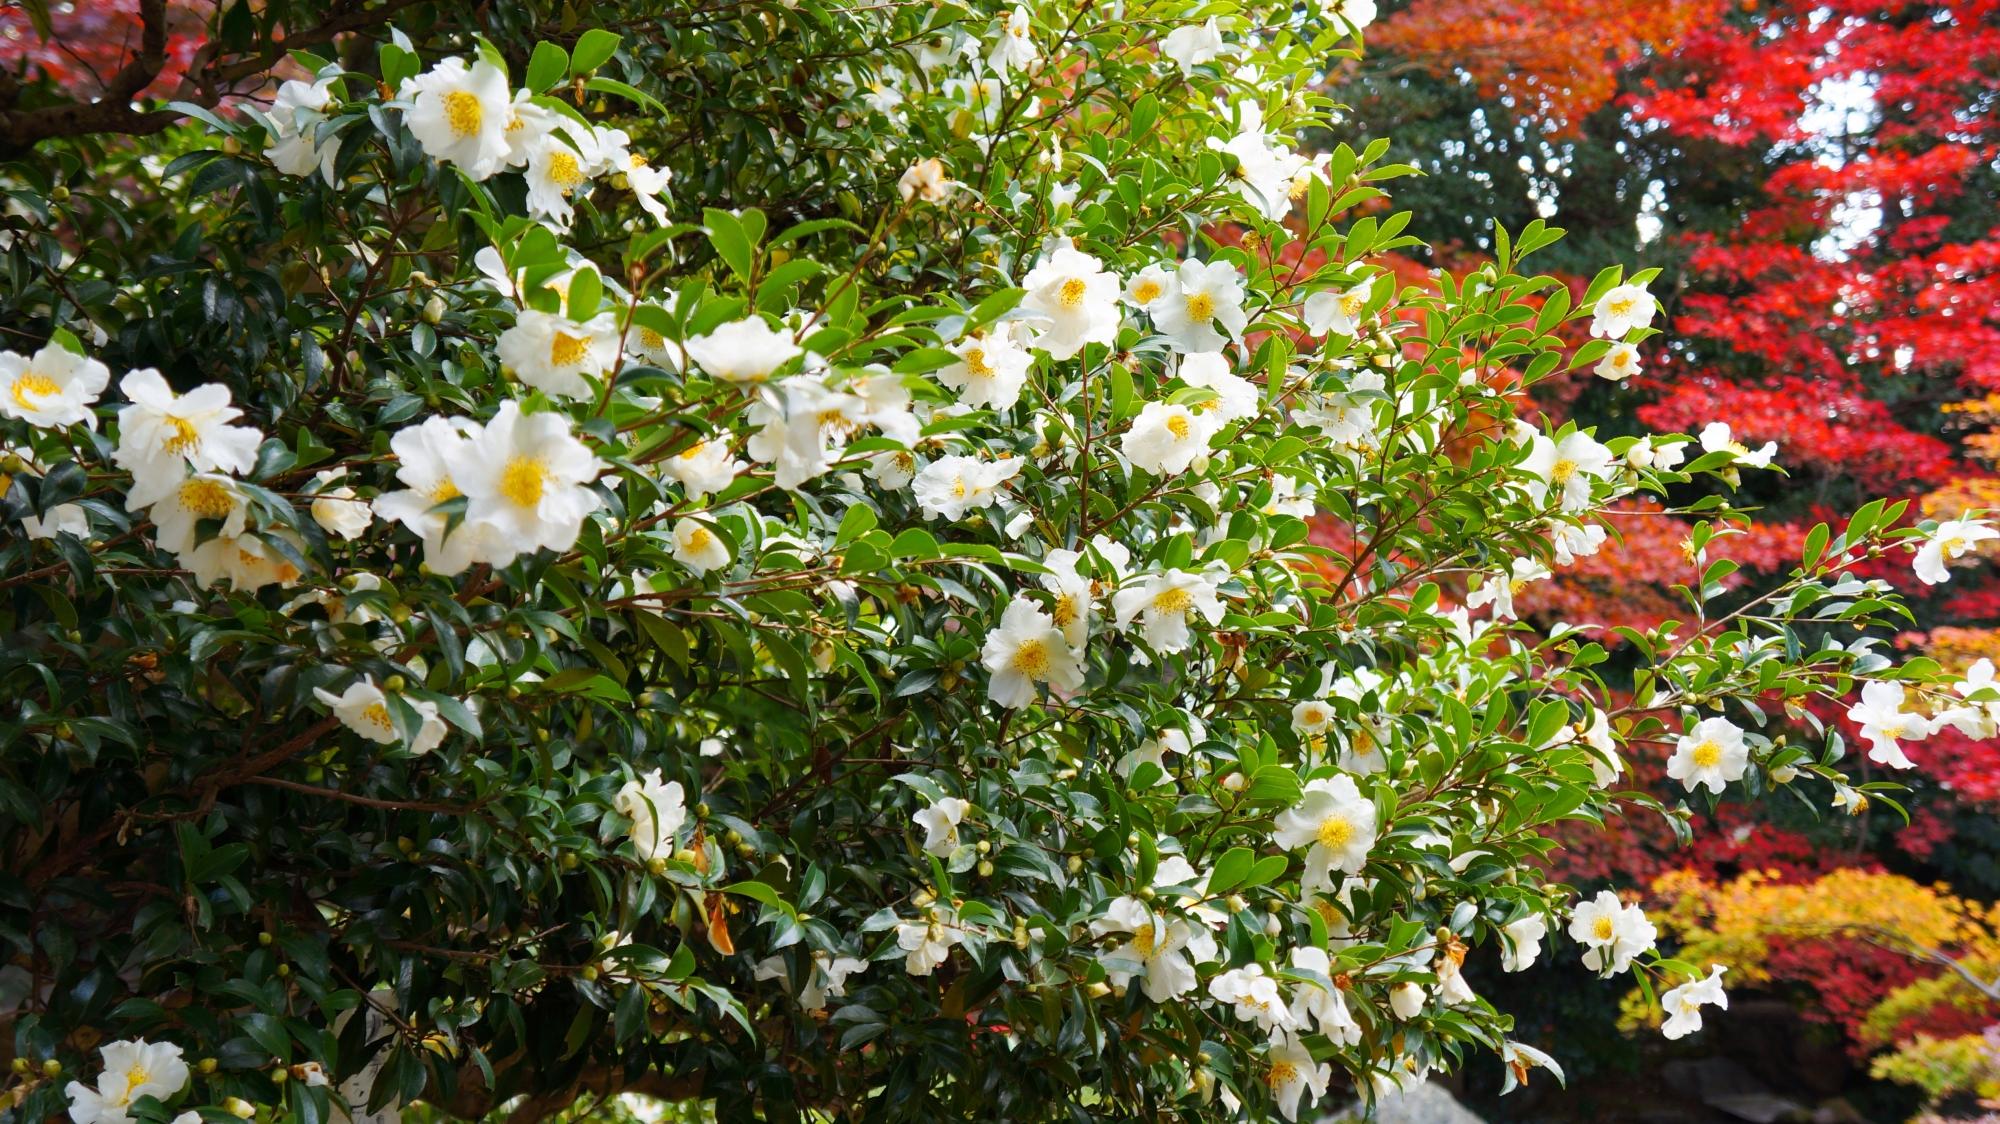 鮮やかな紅葉と華やかな白い山茶花